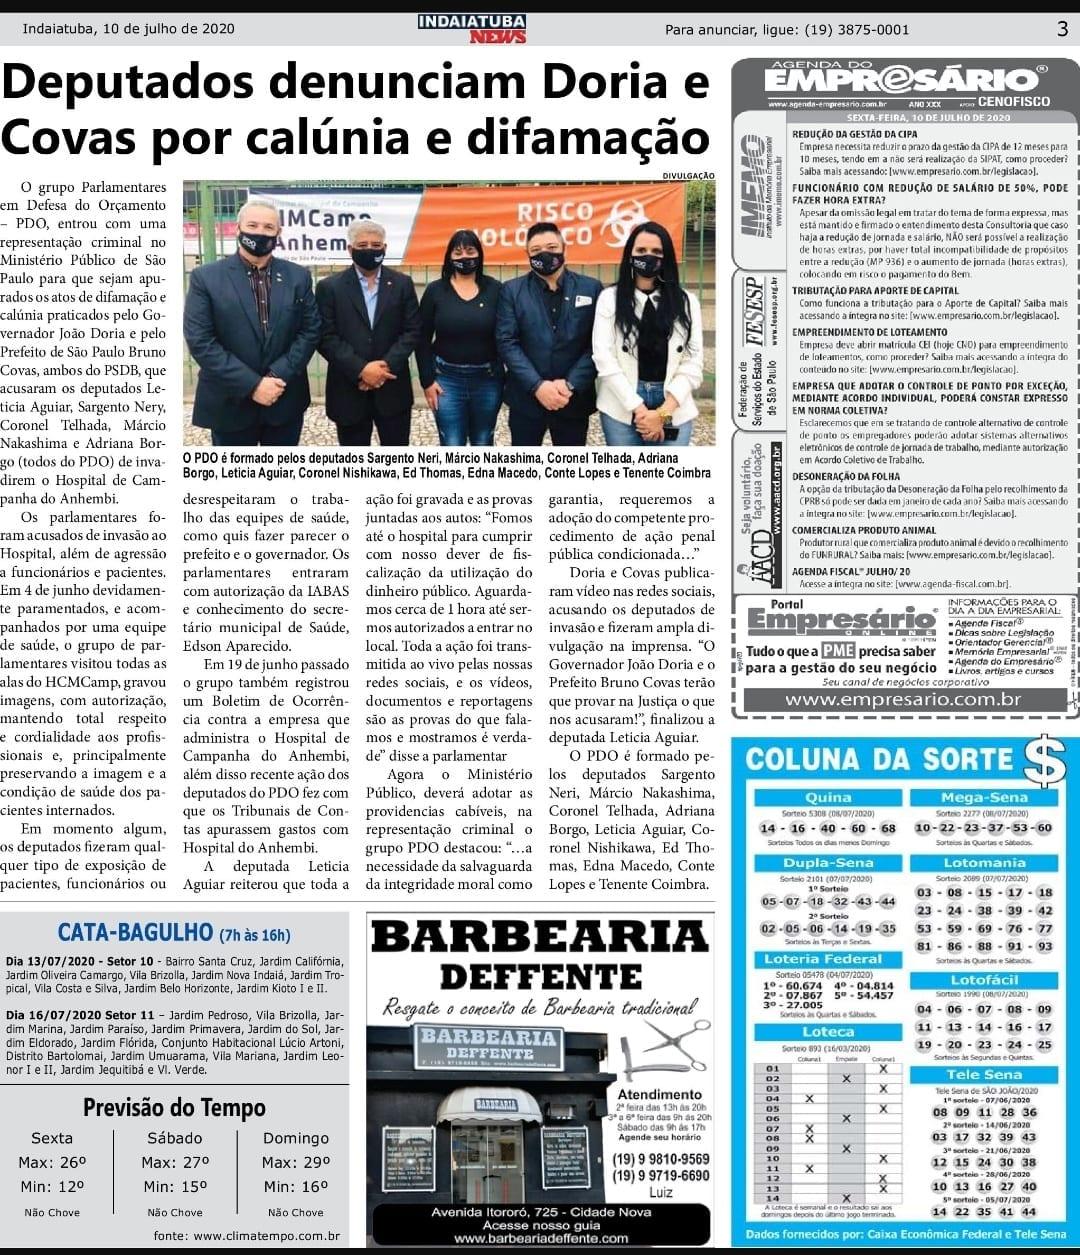 Adriana Borgo - Na Midia - Indaiatuba News - 10 de julho de 2020